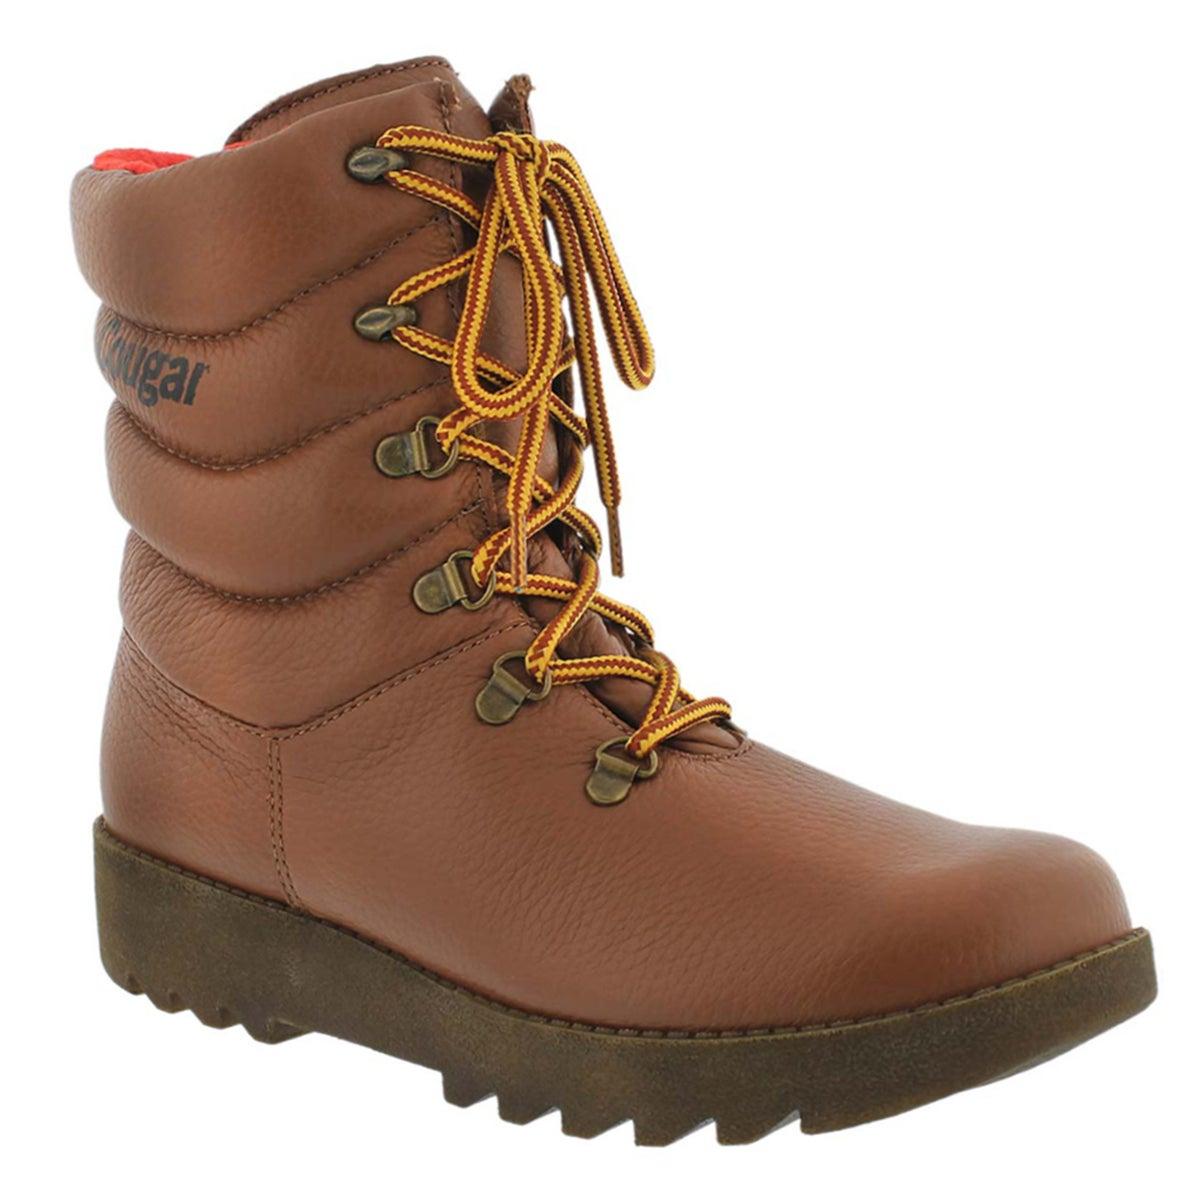 Women's 39068 ORIGINAL rust waterproof winter boot